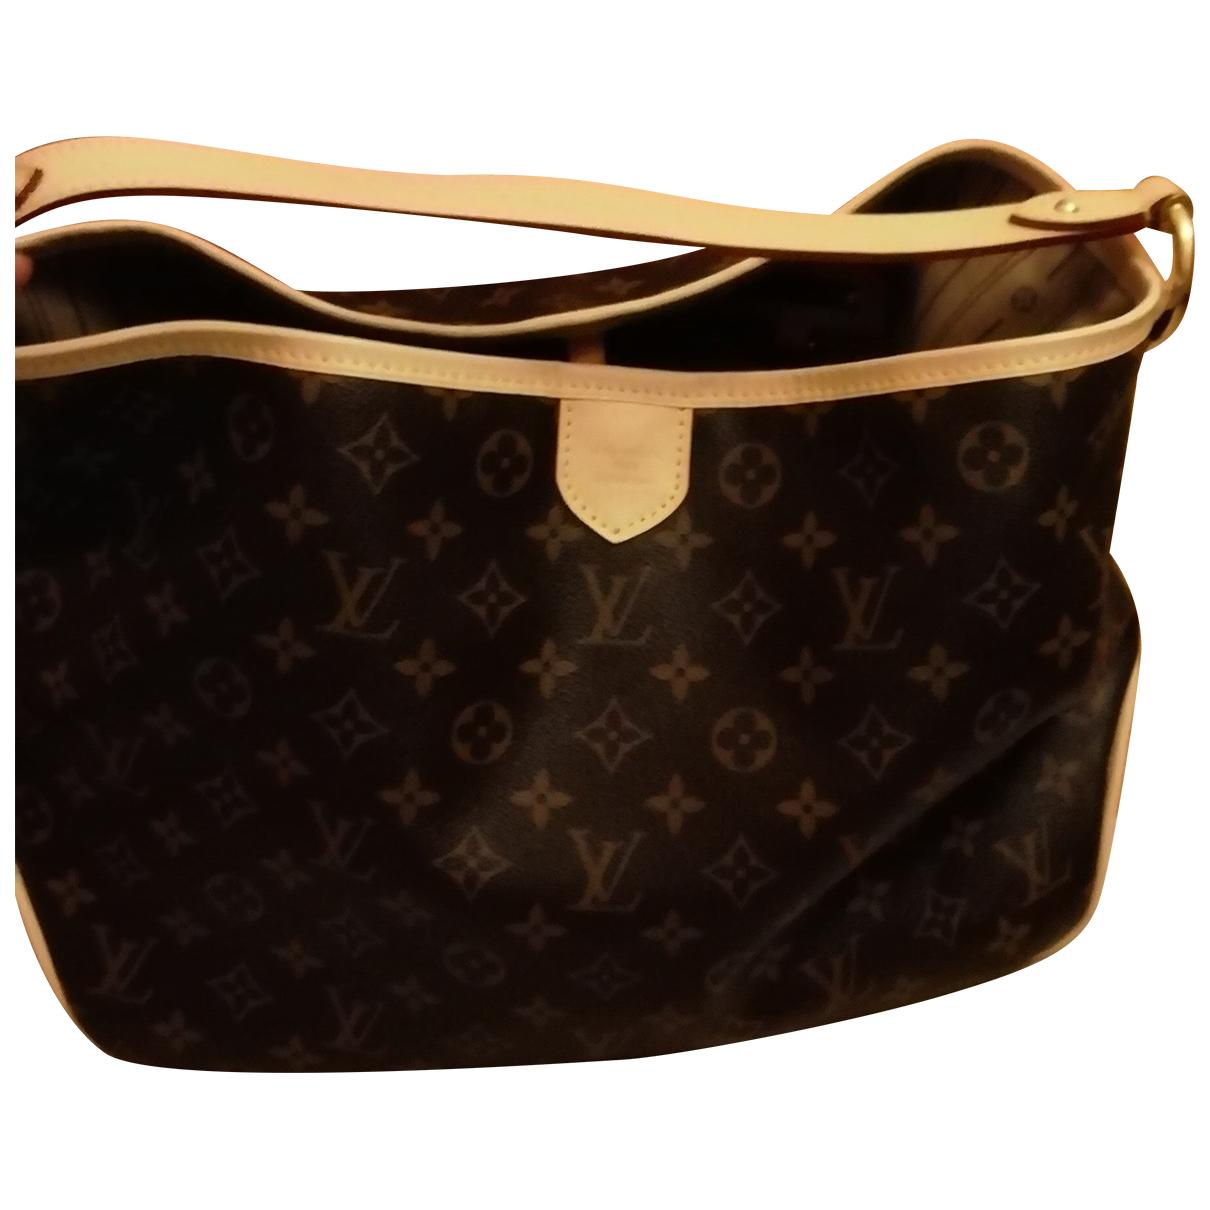 Bandolera Delightful de Lona Louis Vuitton